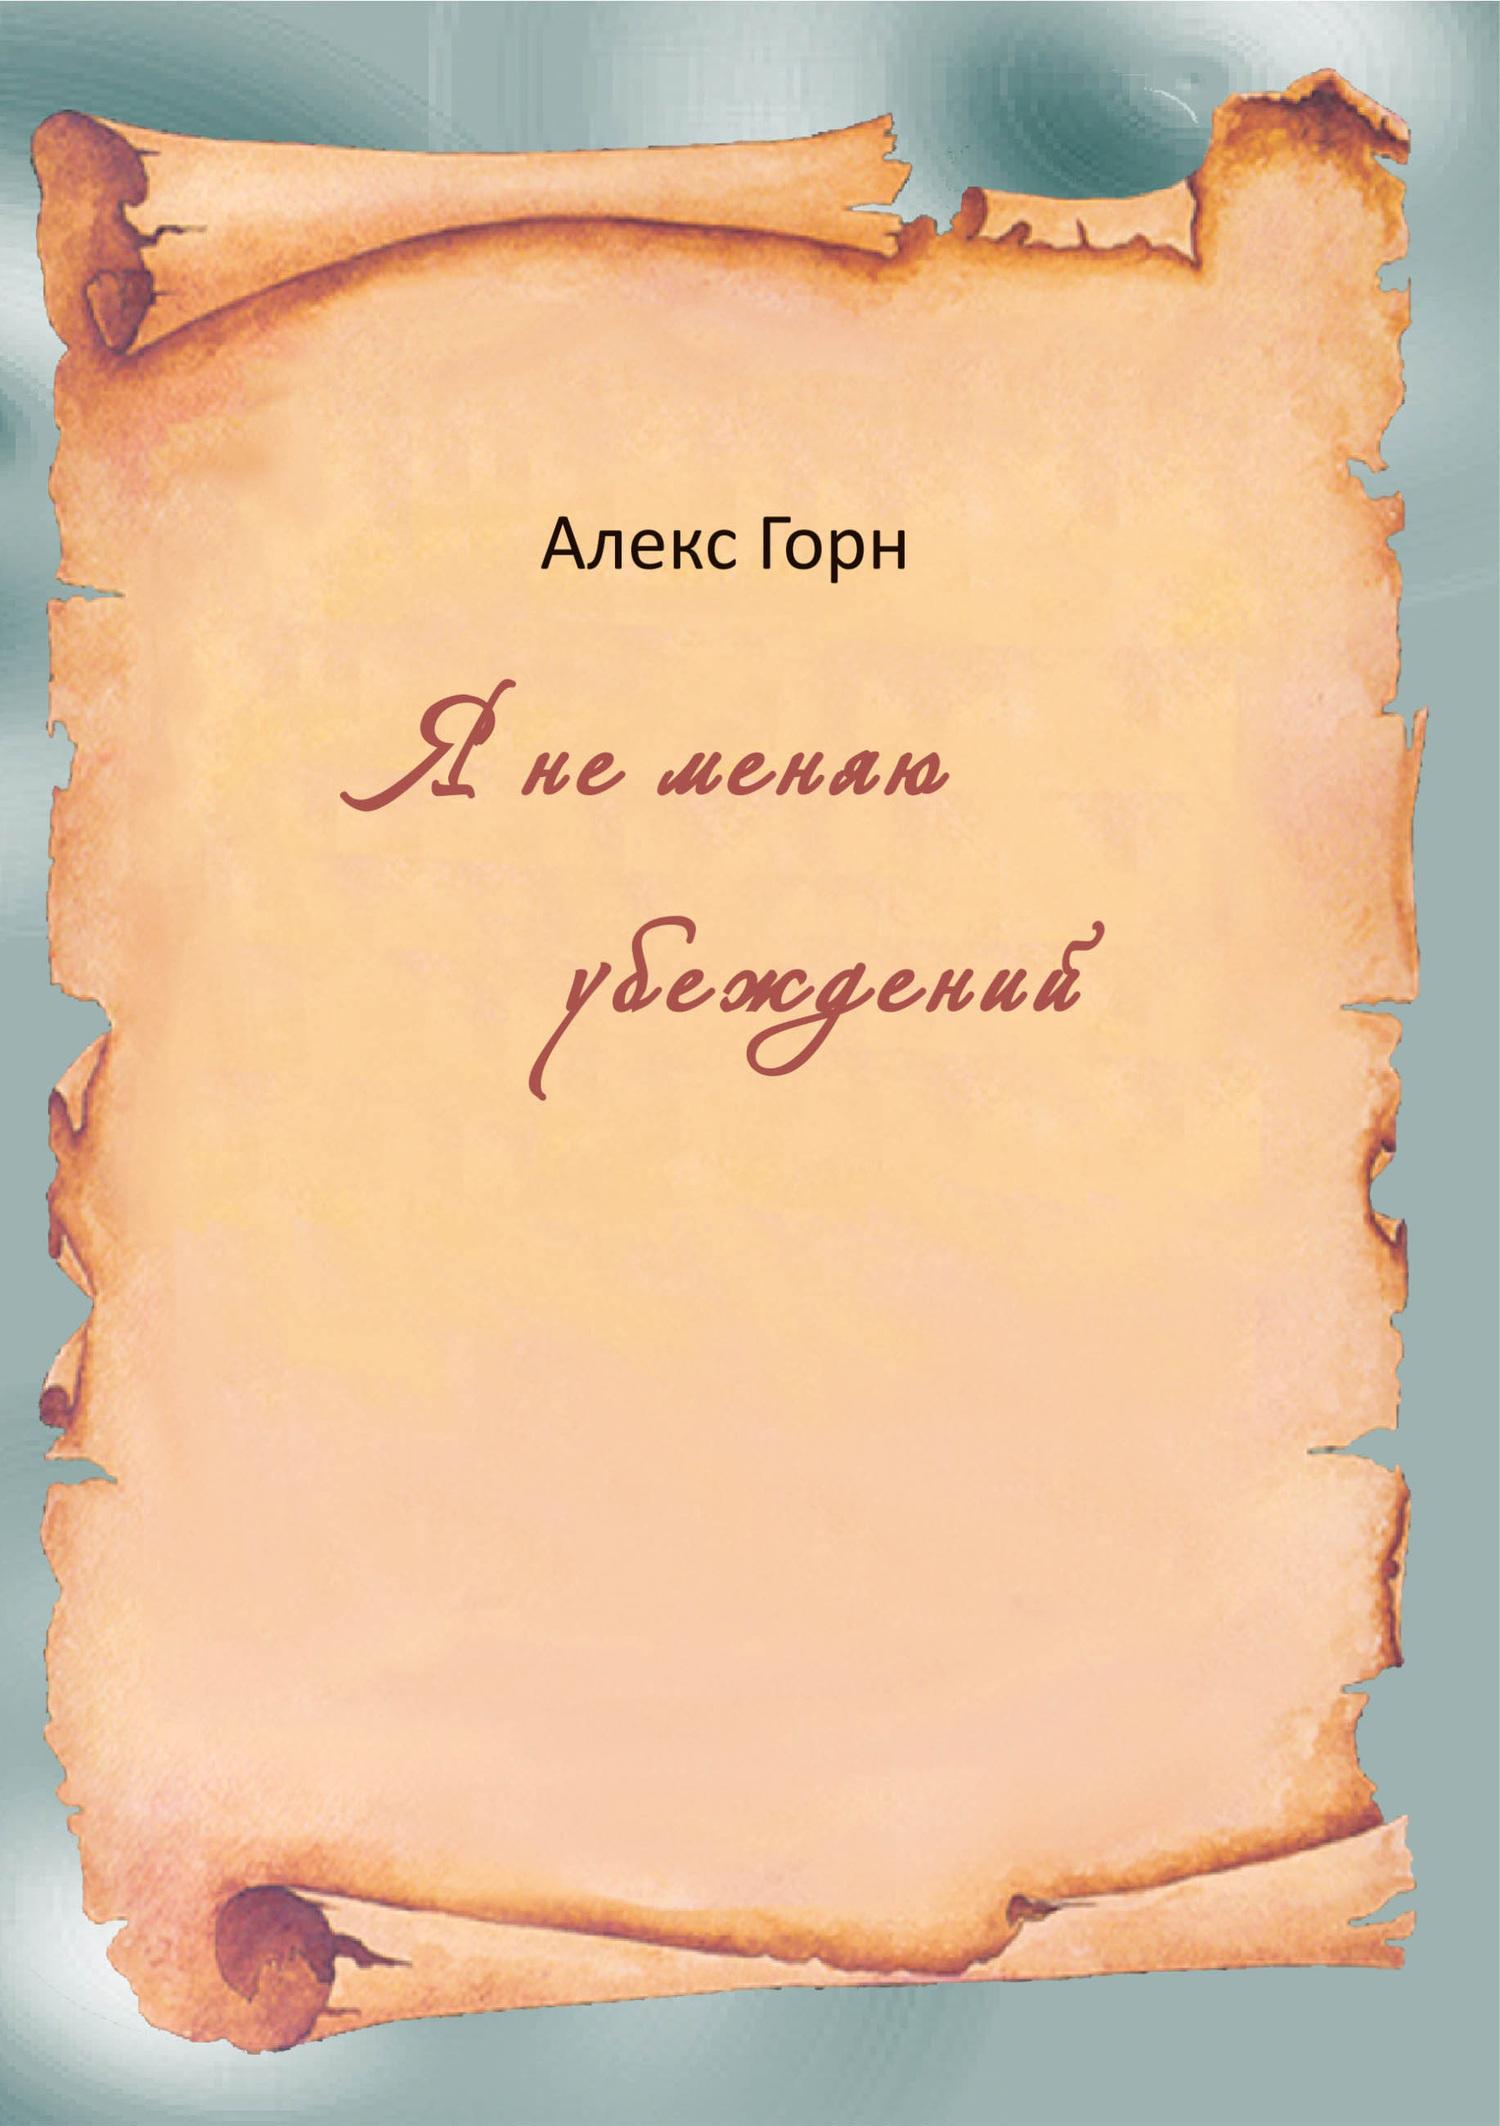 Алекс Горн Я не меняю убеждений (сборник)